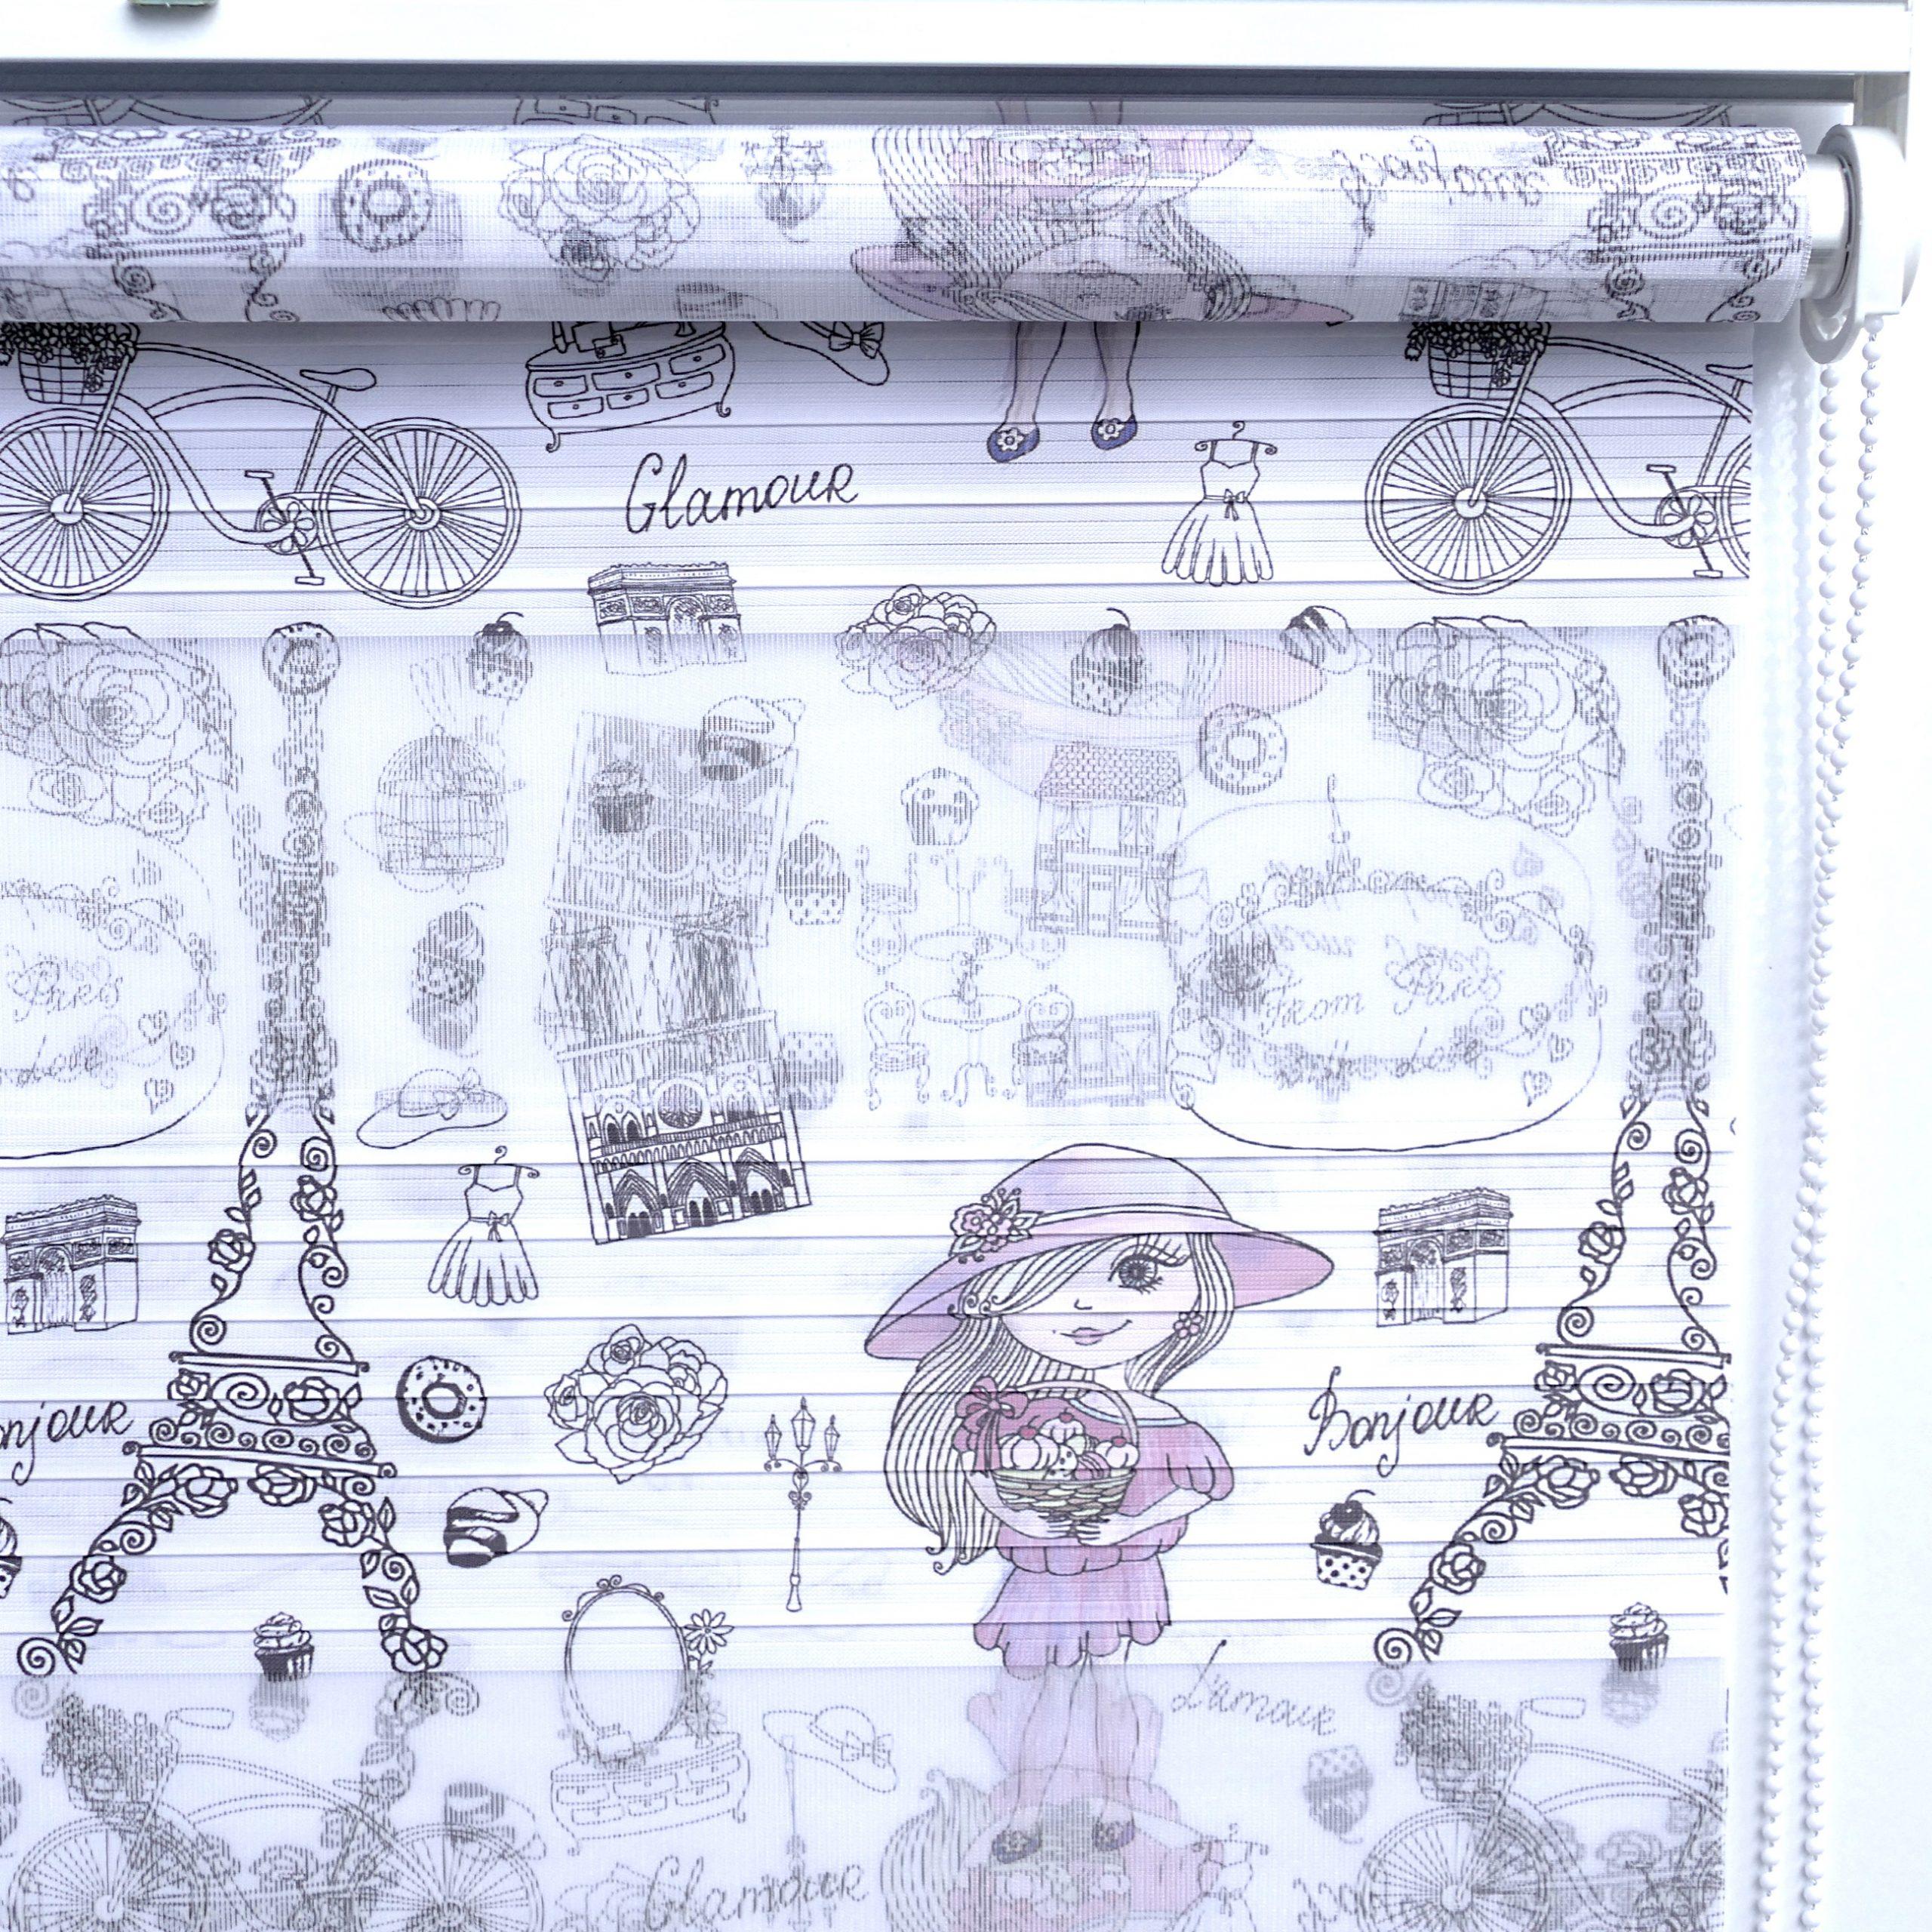 Full Size of Doppelrollo Rosa Wei Kinderzimmer Gardinen Fenster Rollos Abdichten Standardmaße Austauschen Dreh Kipp Sichtschutz Sicherheitsfolie Test Sonnenschutzfolie Fenster Fenster Rollos